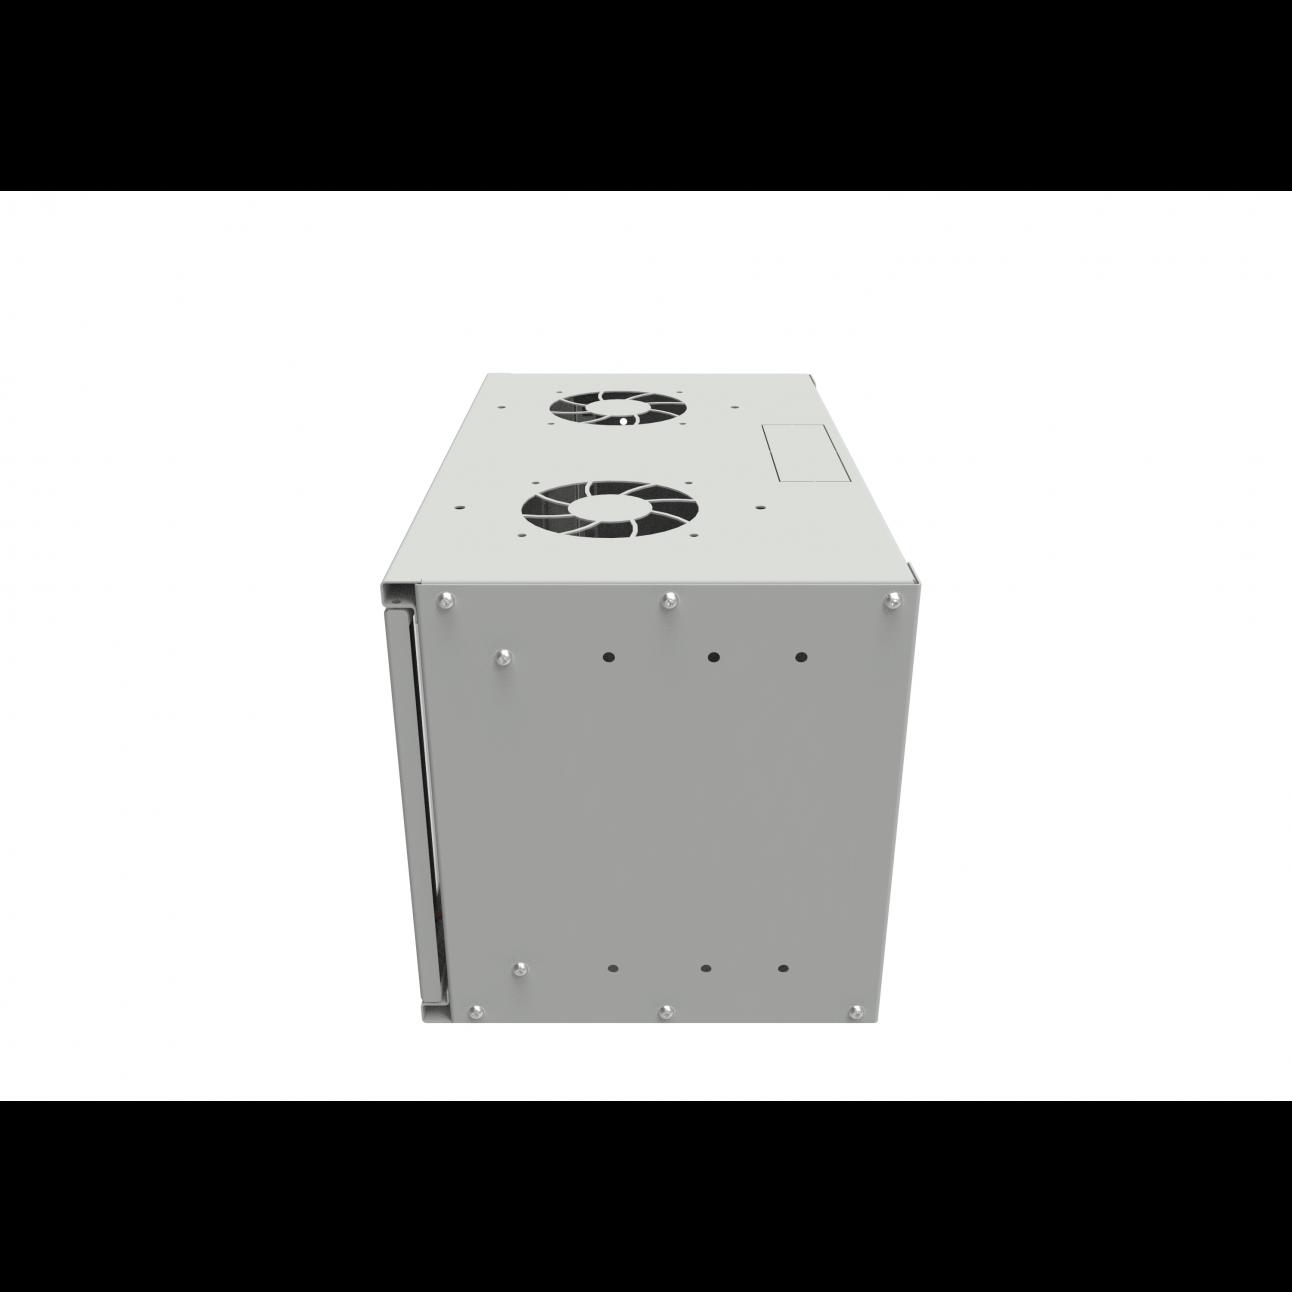 Шкаф телекоммуникационный настенный 6U, 315х520х300 мм (дверь металлическая)